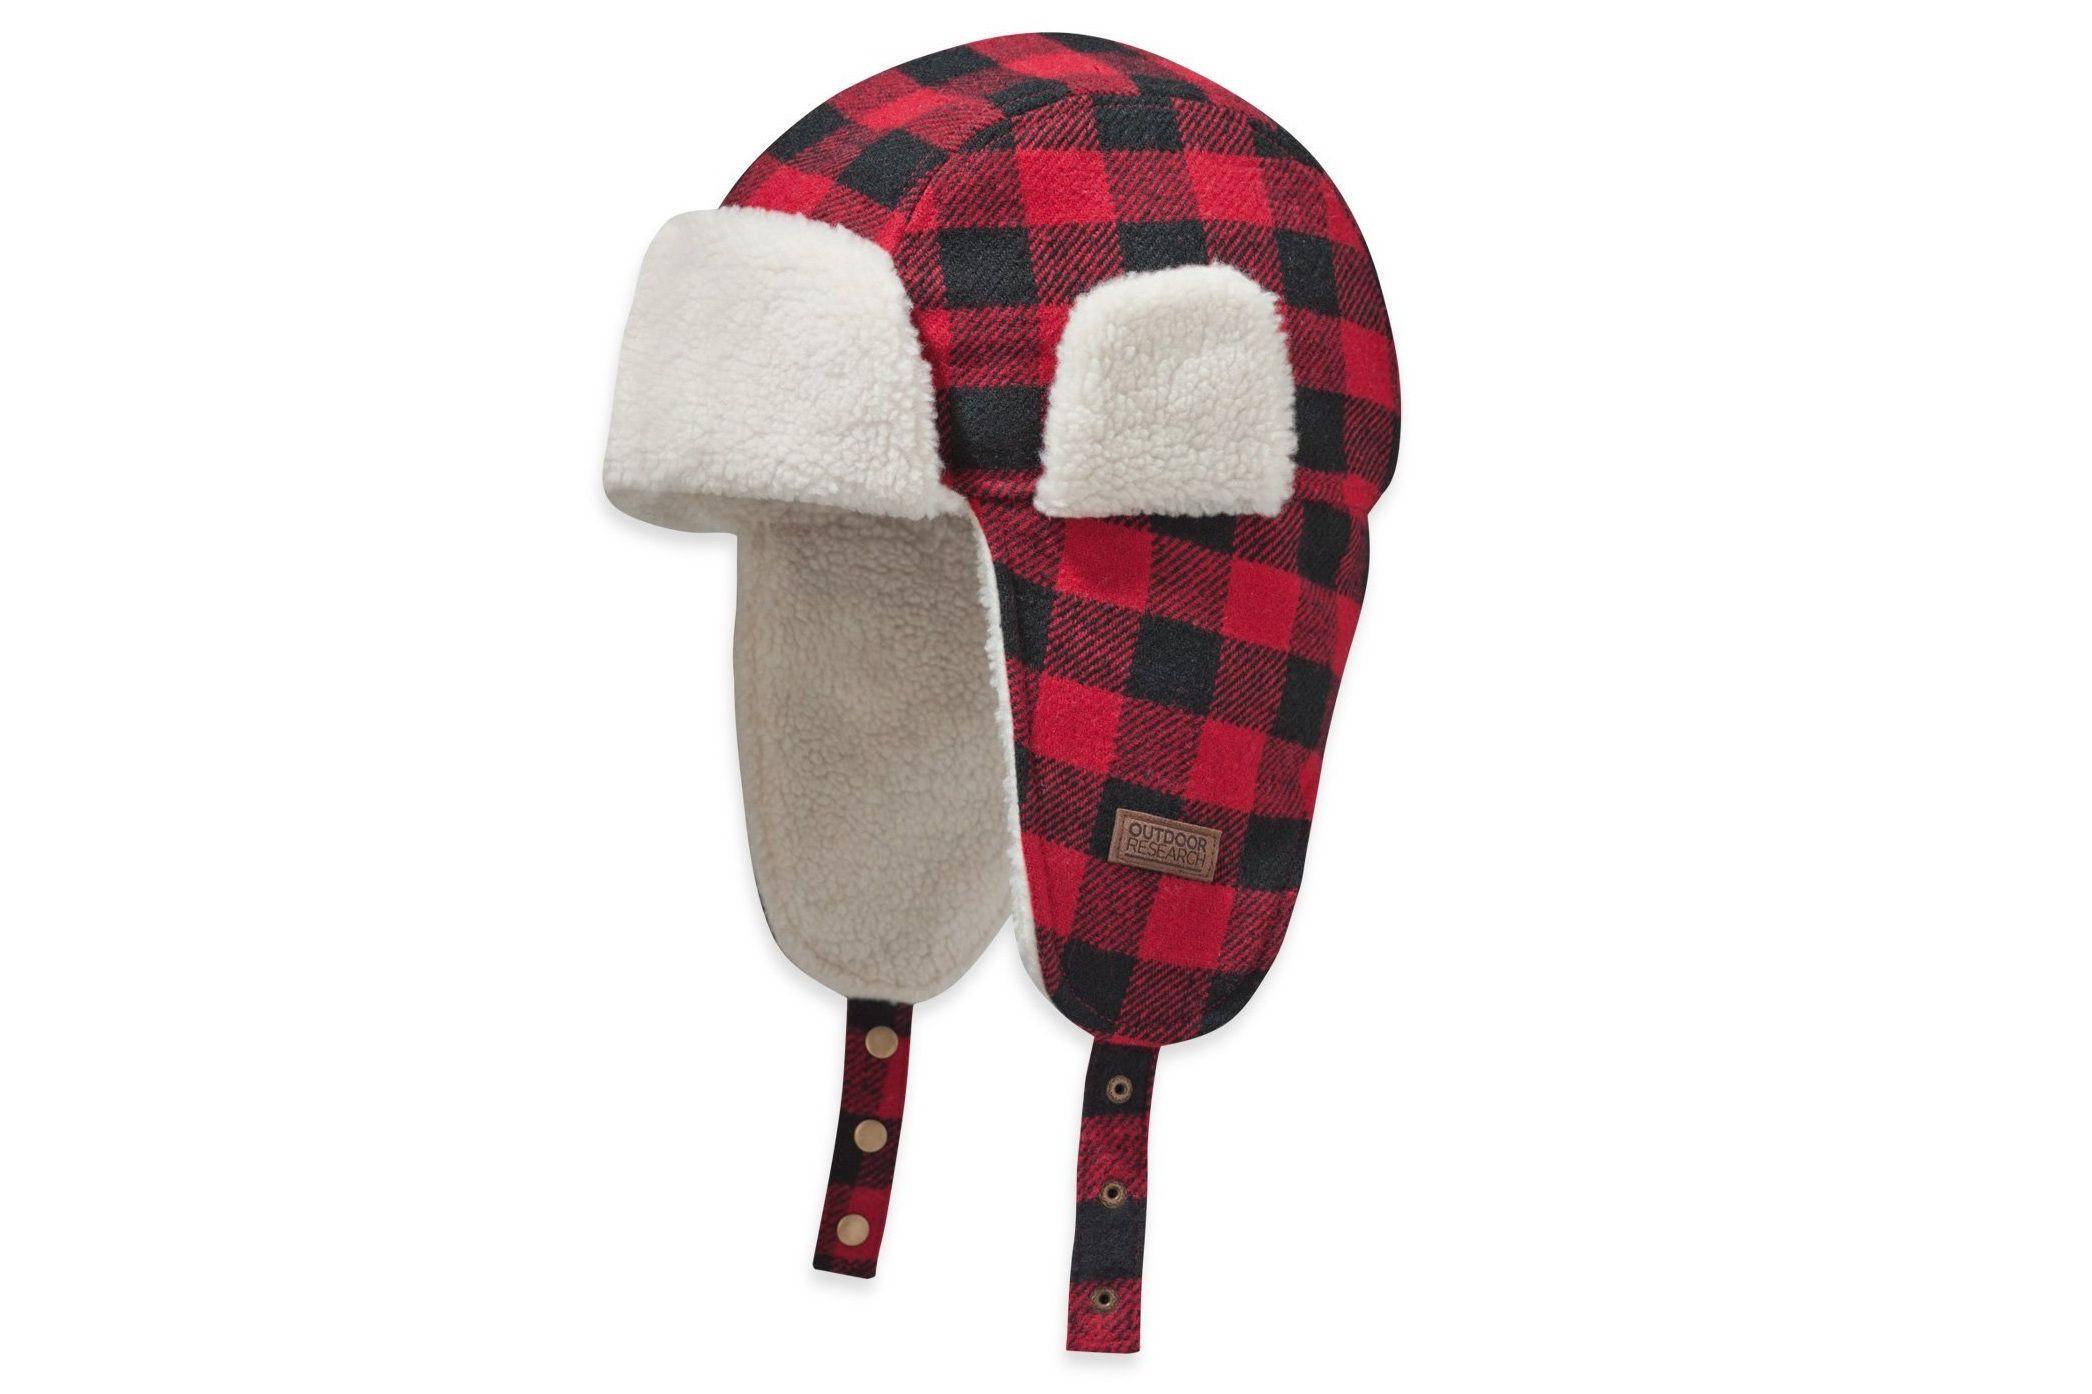 Sombrero de cazador báltico de Outdoor Research